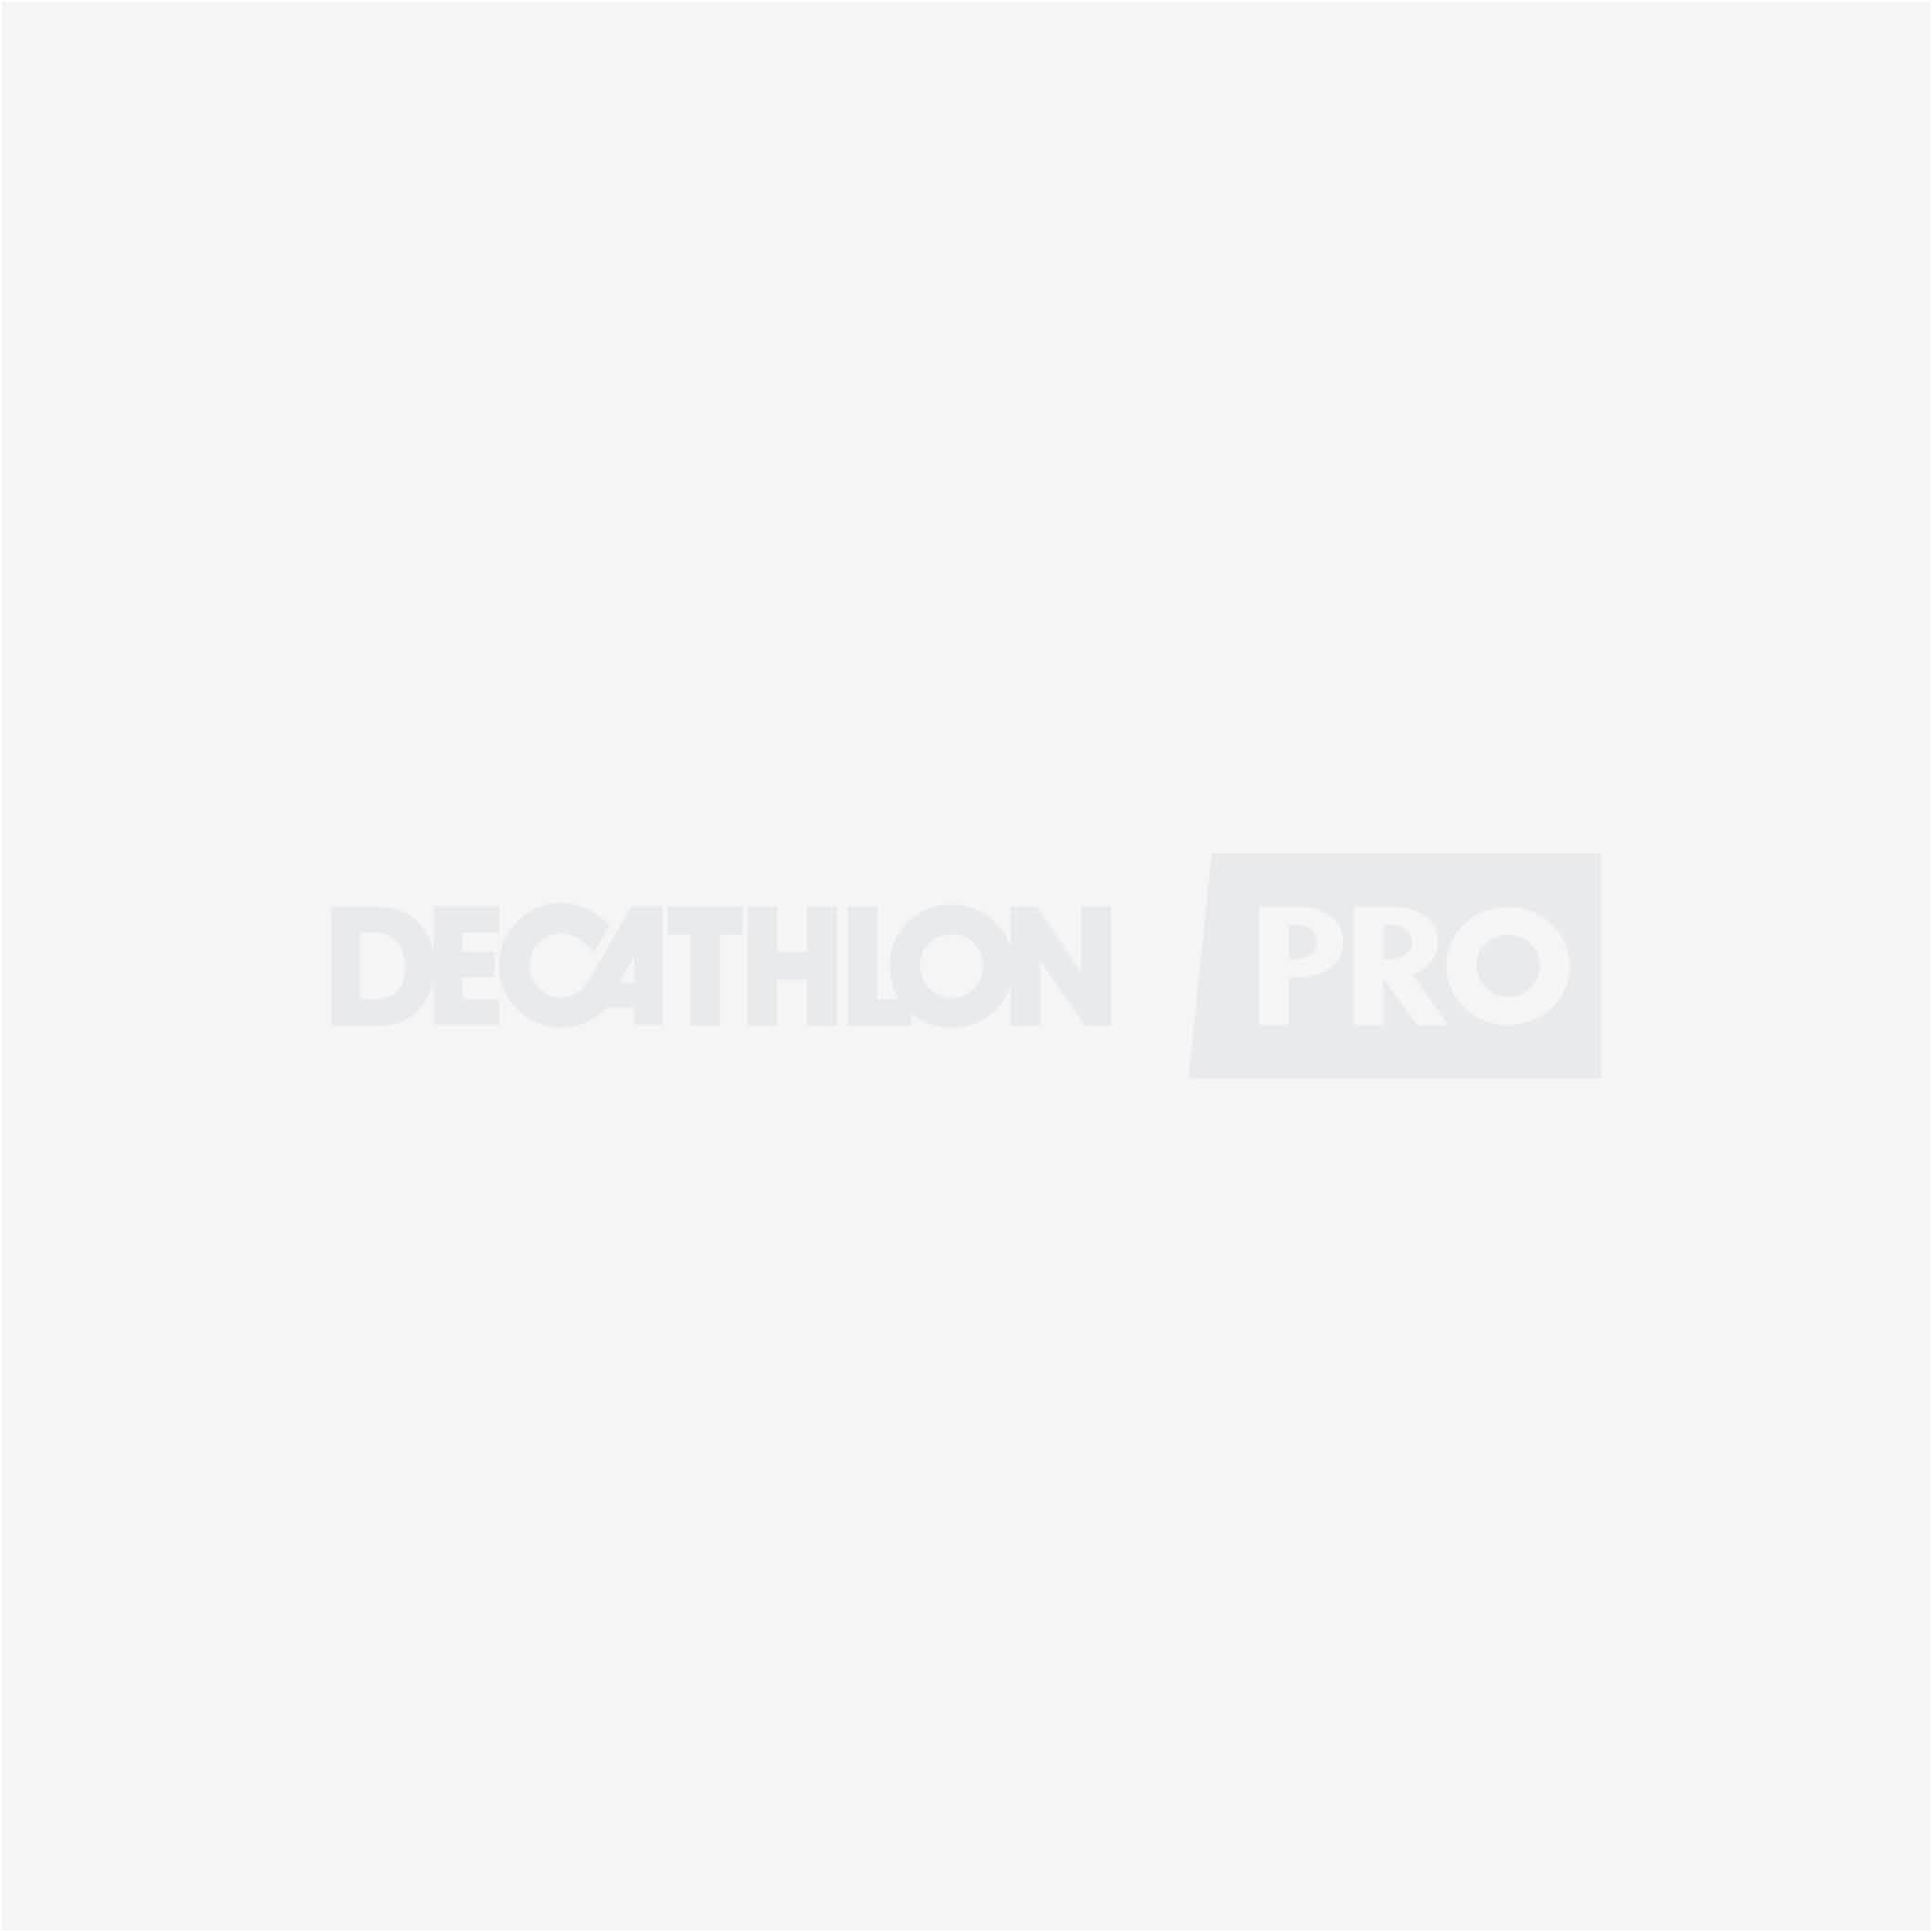 S14_BAN_MENU_SPORTSCO.jpg